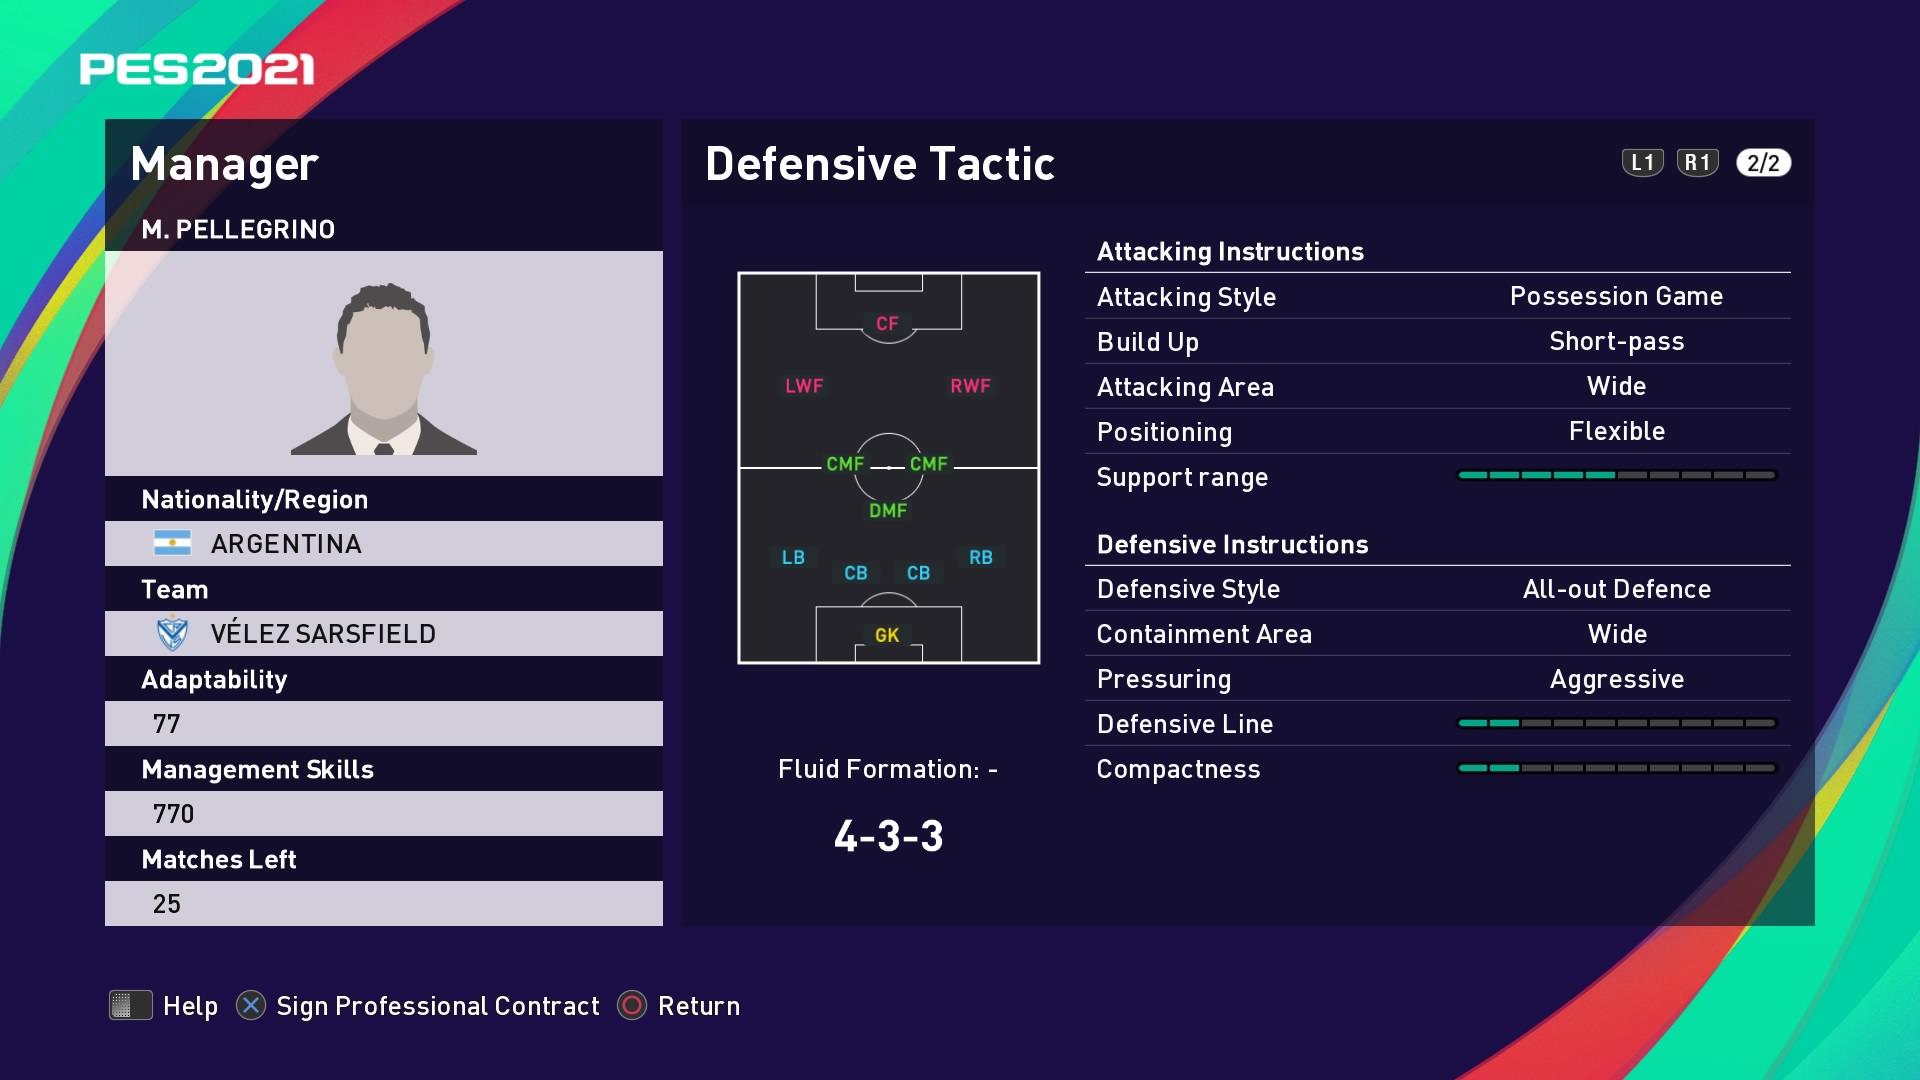 M. Pellegrino (Mauricio Pellegrino) Defensive Tactic in PES 2021 myClub